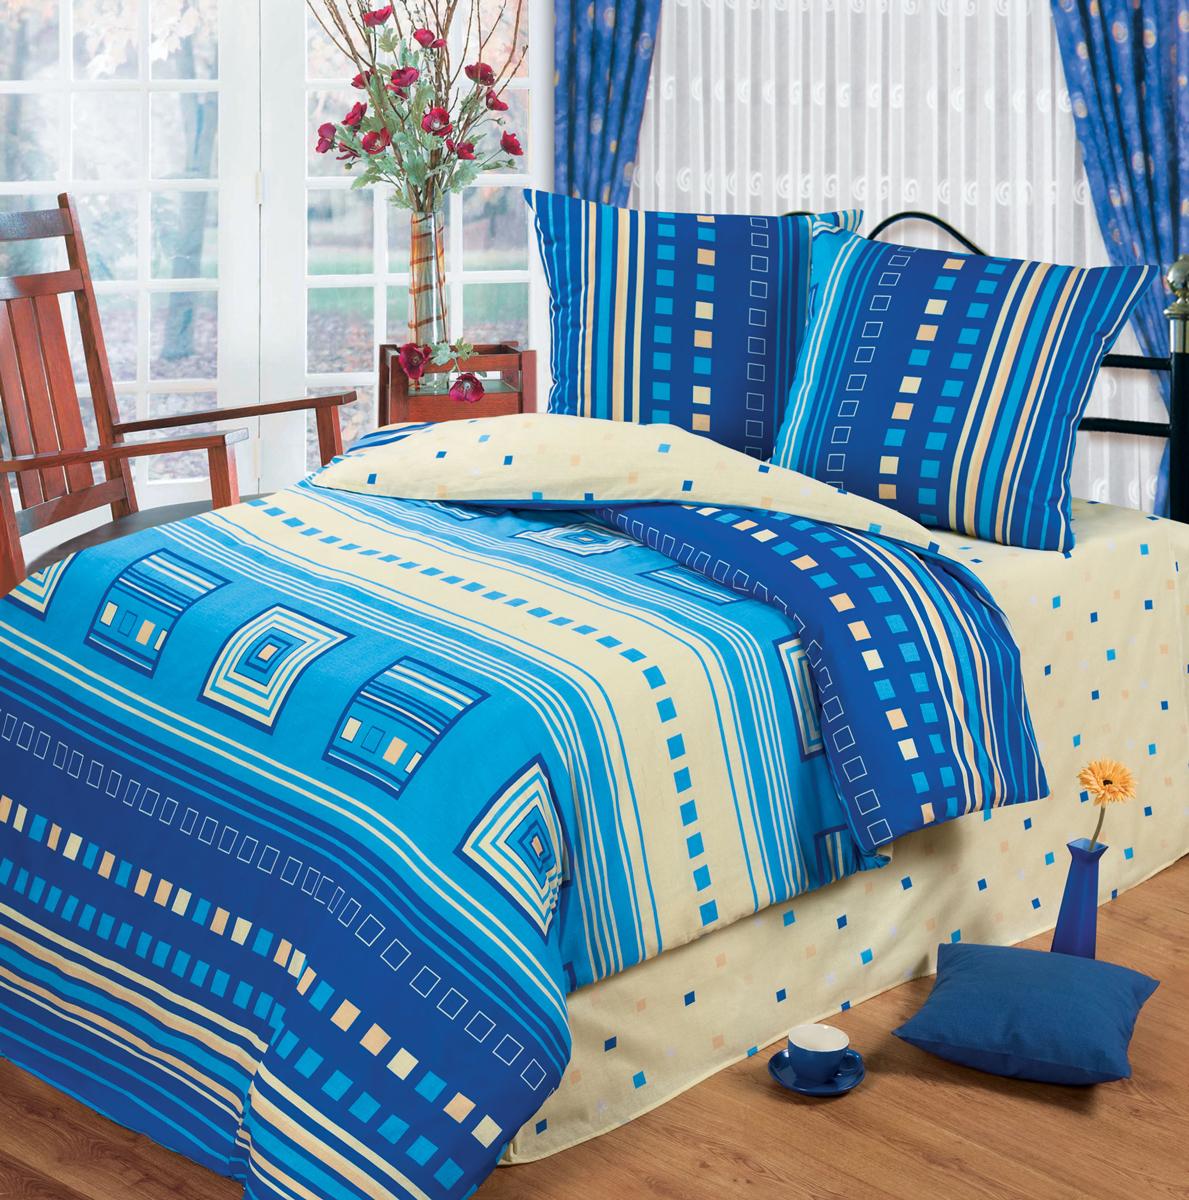 Комплект белья Любимый дом Квадро, 2-х спальное, наволочки 70 х 70, цвет: голубой. 3336575758/4Постельное белье торговой марки «Любимый дом» - это идеальное сочетание доступной цены и высокого качества продукции. Серия «Любимый дом 3D» выполнена в технике объемного трехмерного изображения: объемные рисунки очень яркие, насыщенные и реалистичные. Коллекция выполнена из традиционной отечественной бязи с высоким показателем износостойкости: такое постельное белье очень прочное и долговечное, не деформируется при стирках и прослужит долгие годы.